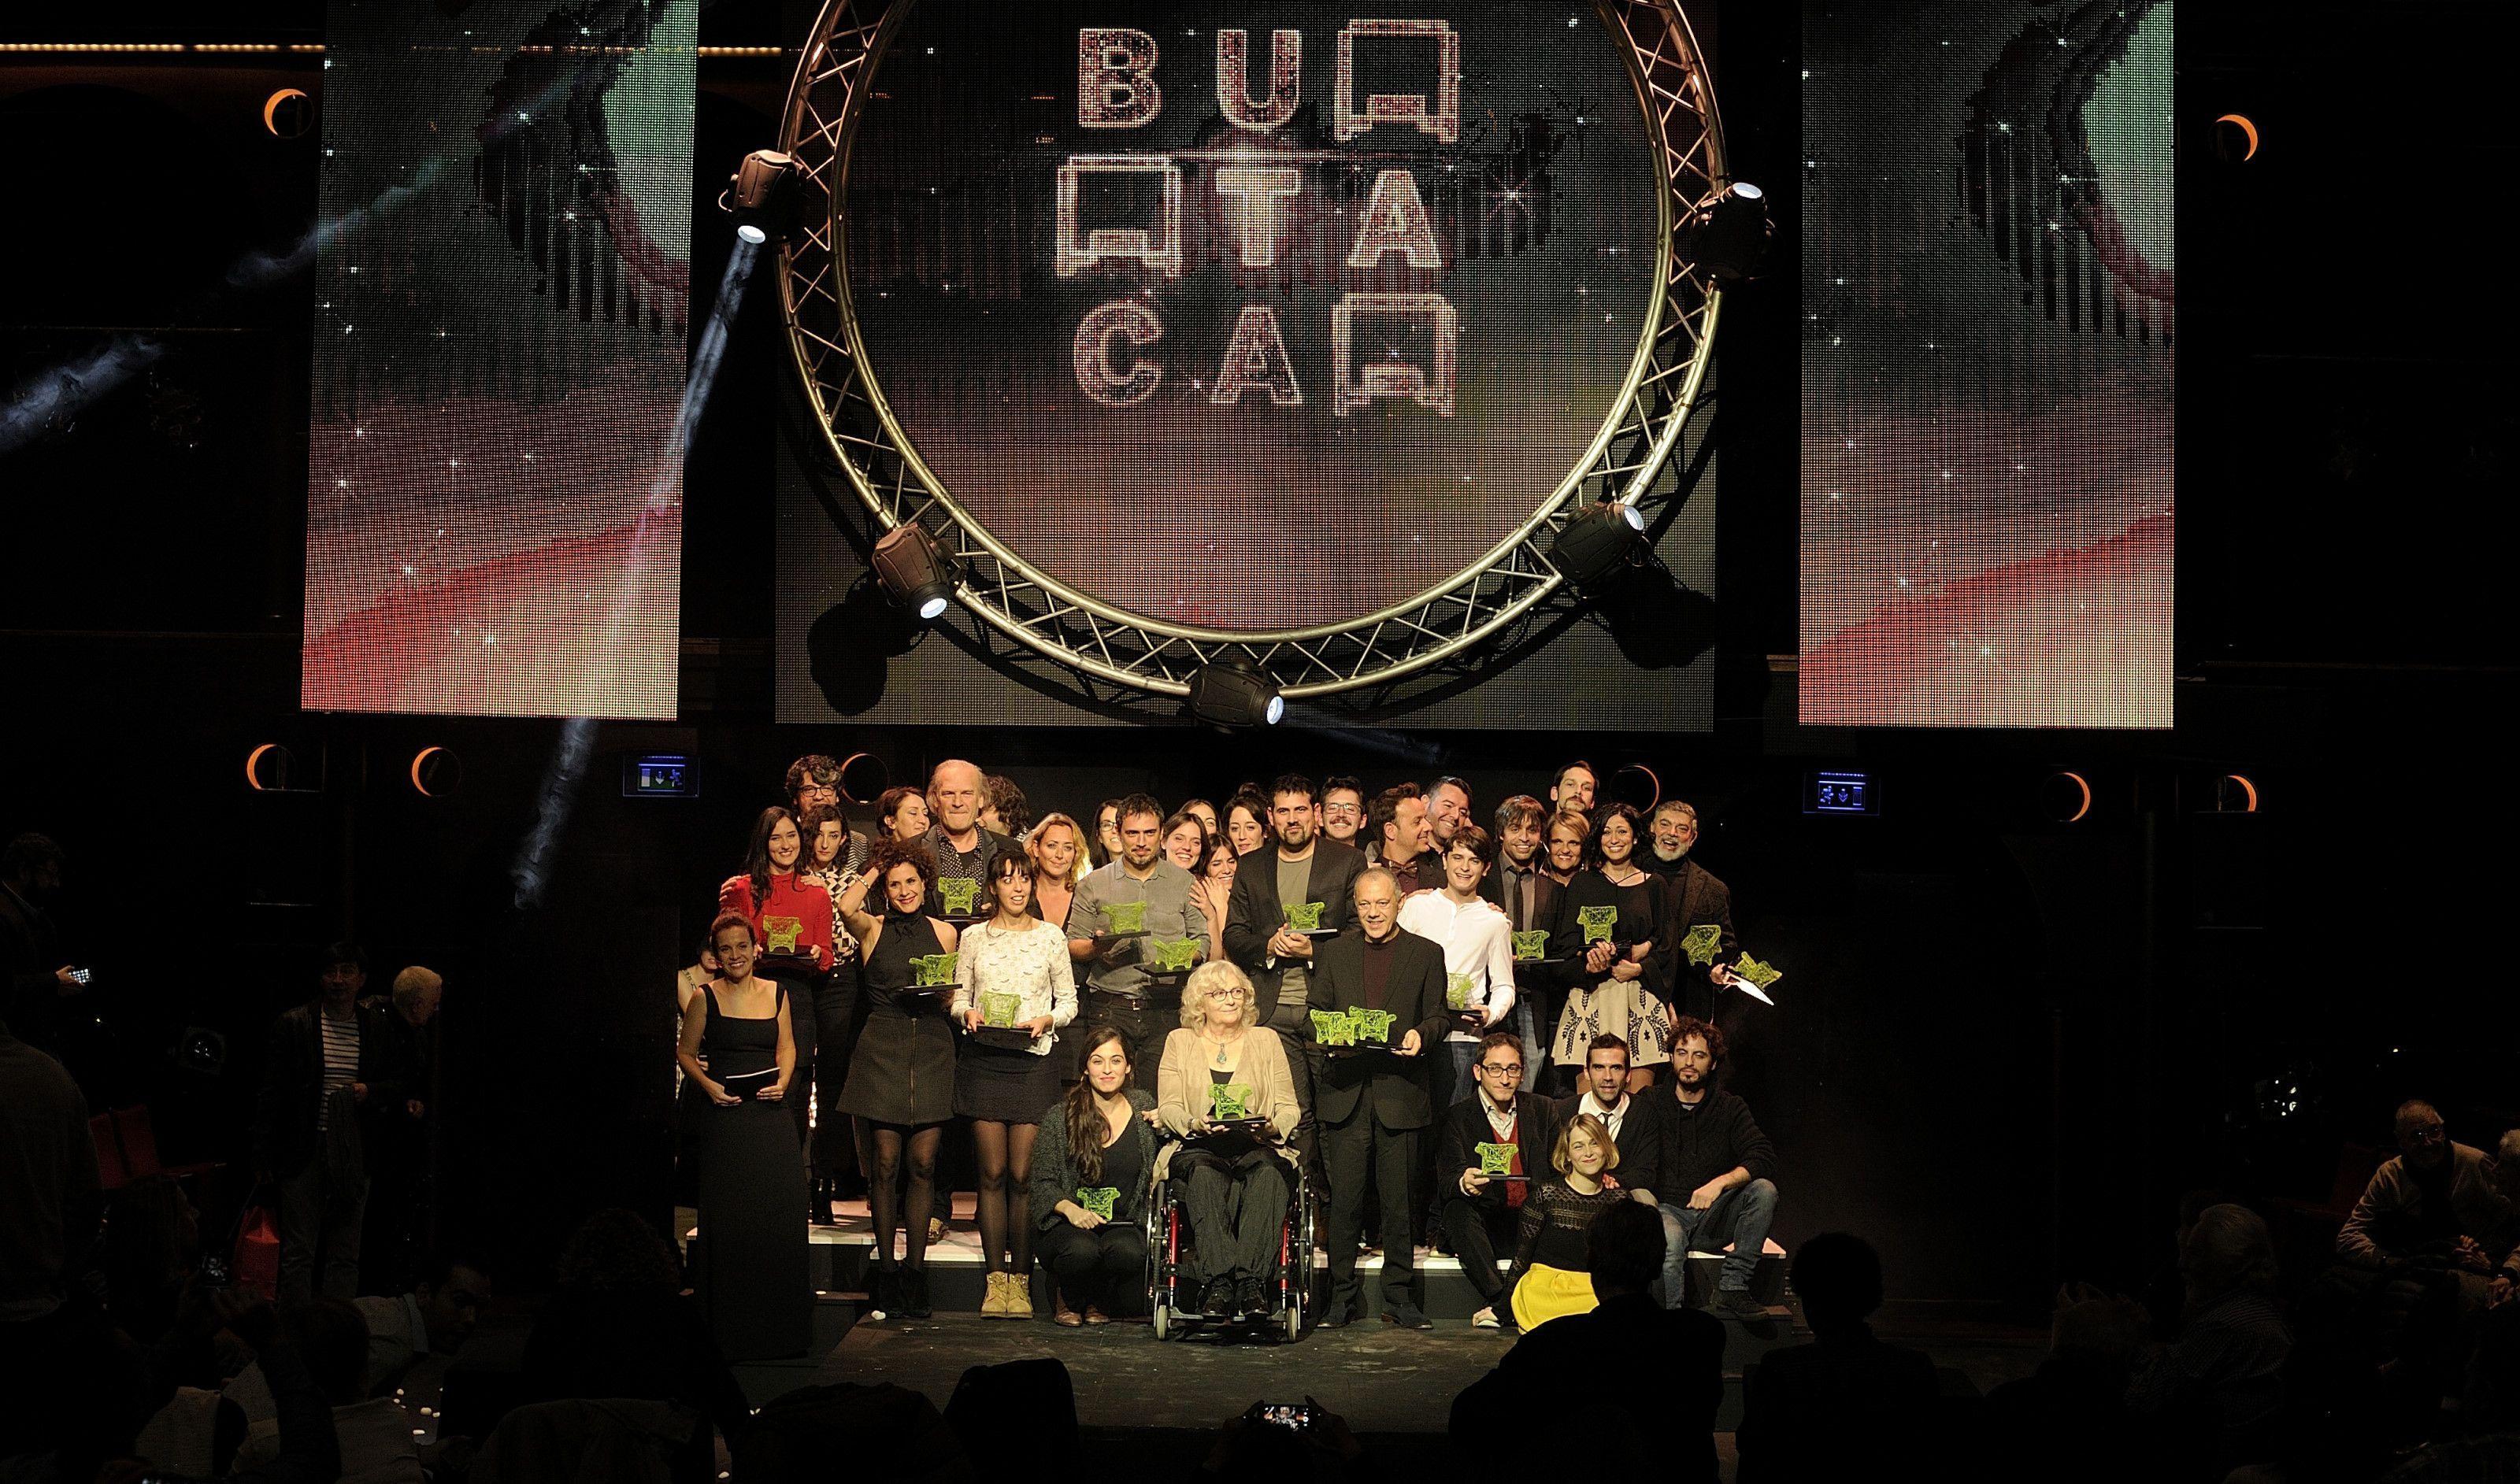 Premis Butaca 2015 - (c) Ruano Fotografia